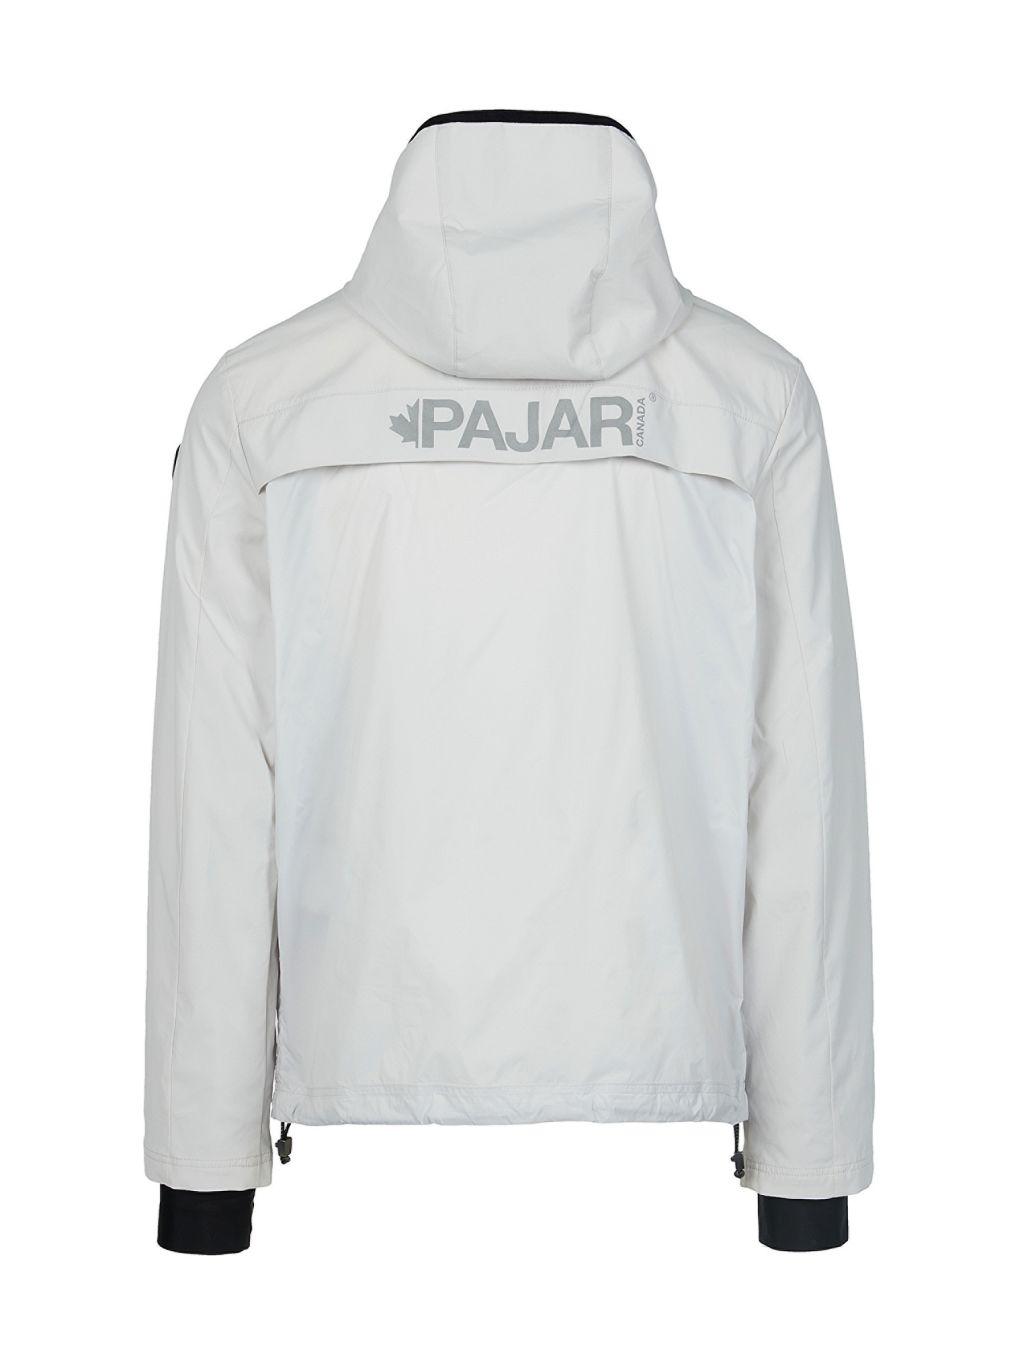 Pajar Canada Athletic Jacket